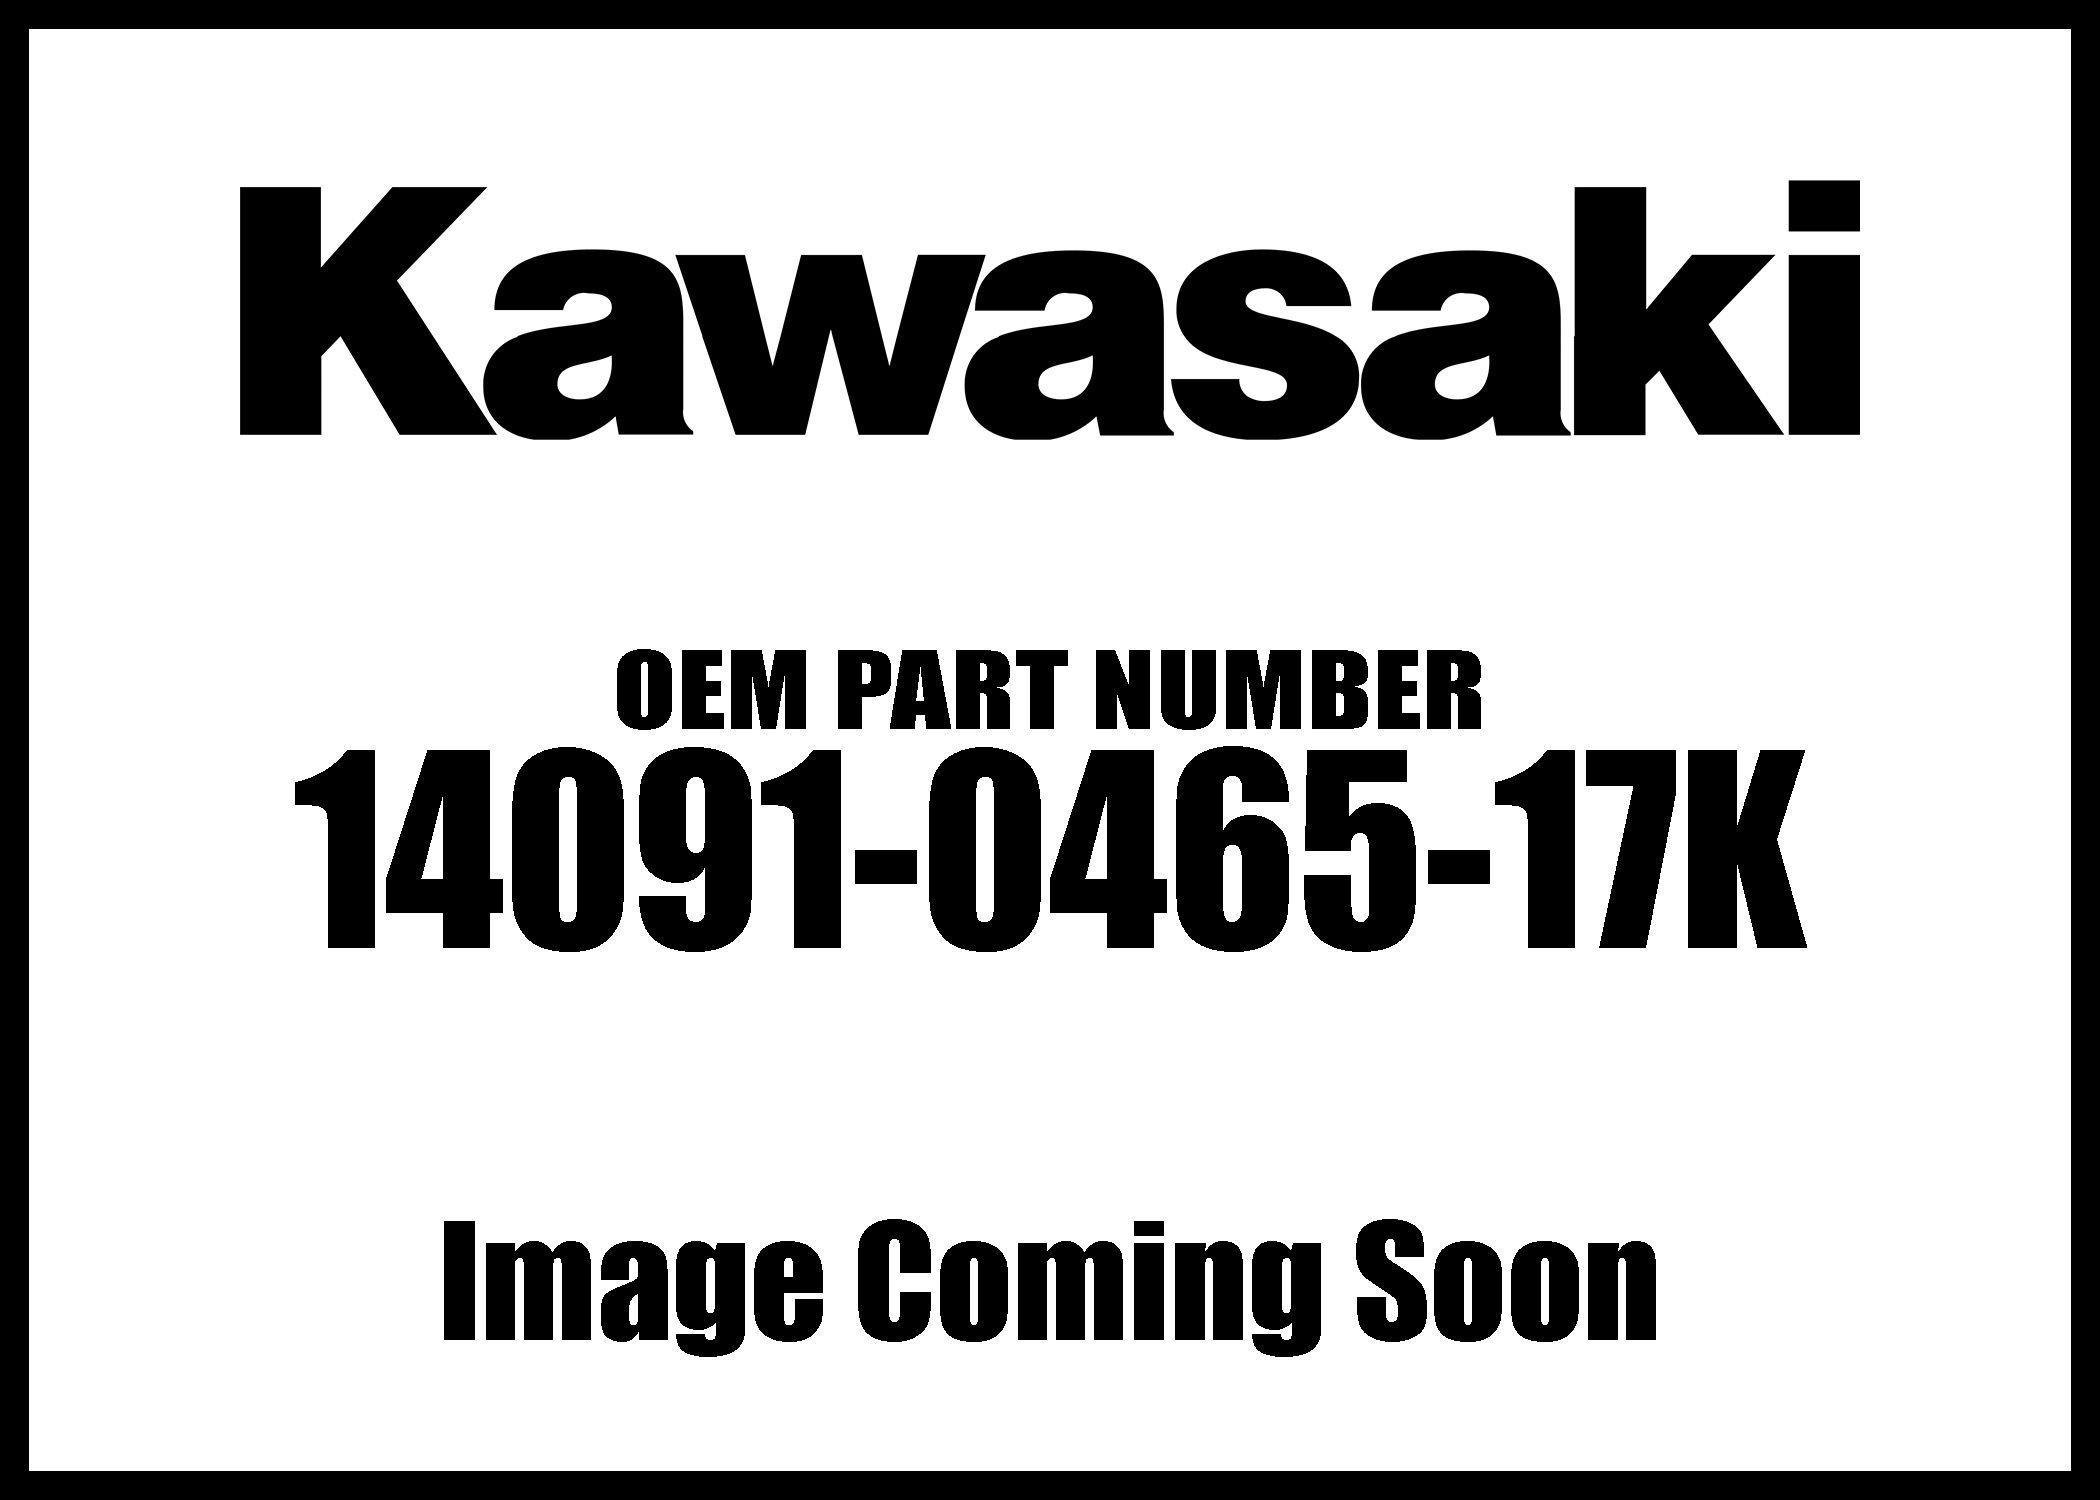 Kawasaki 2007 Er-6N Cover Meter M.Black 14091-0465-17K New Oem